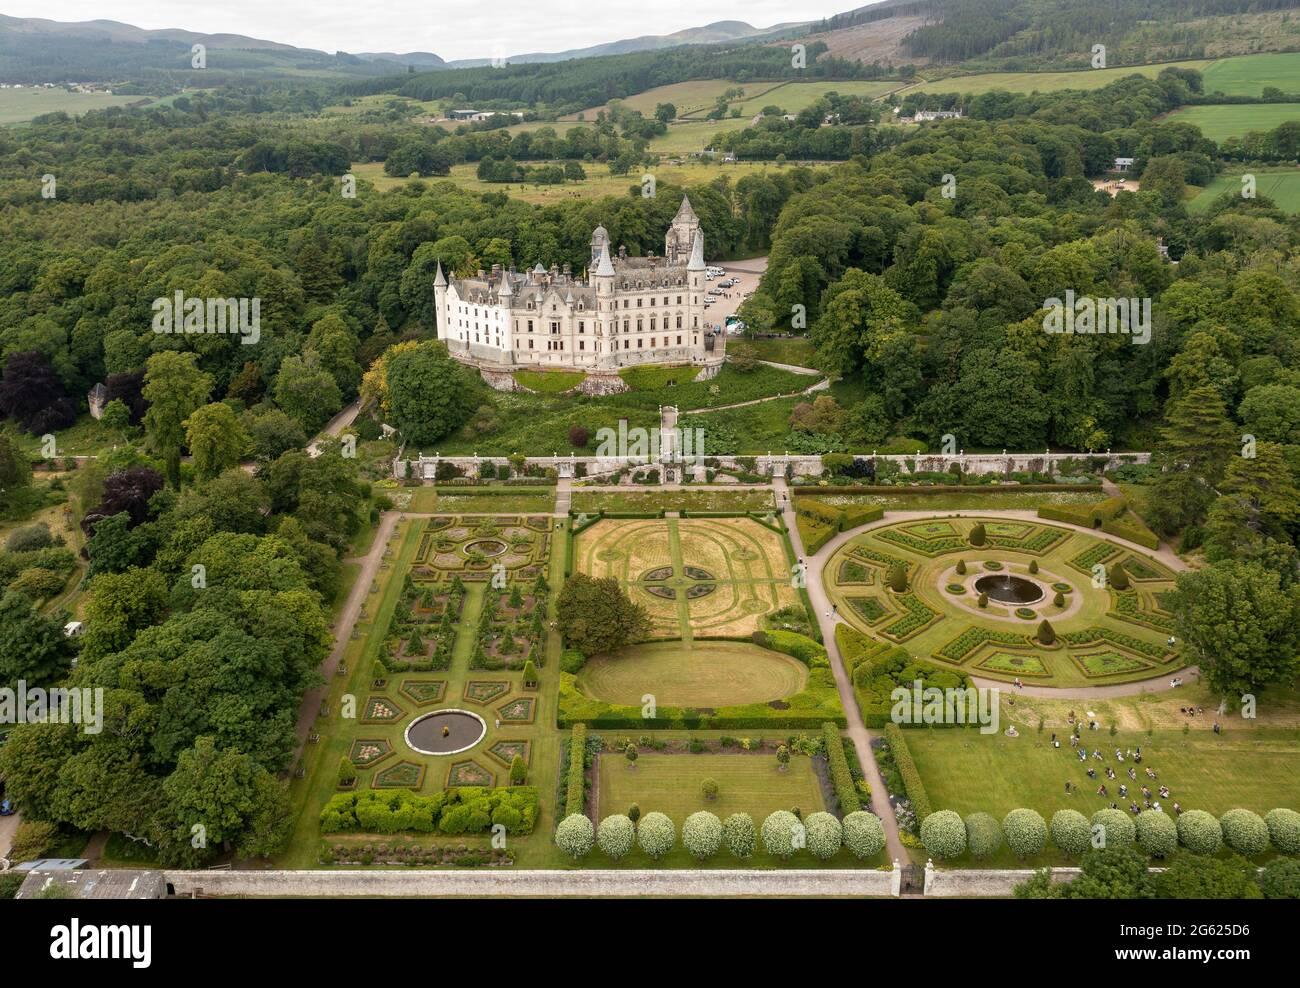 Vista aérea del Castillo Dunrobin, Golspie, Sutherland, Escocia, hogar de los Earls y los duques de Sutherland. Foto de stock